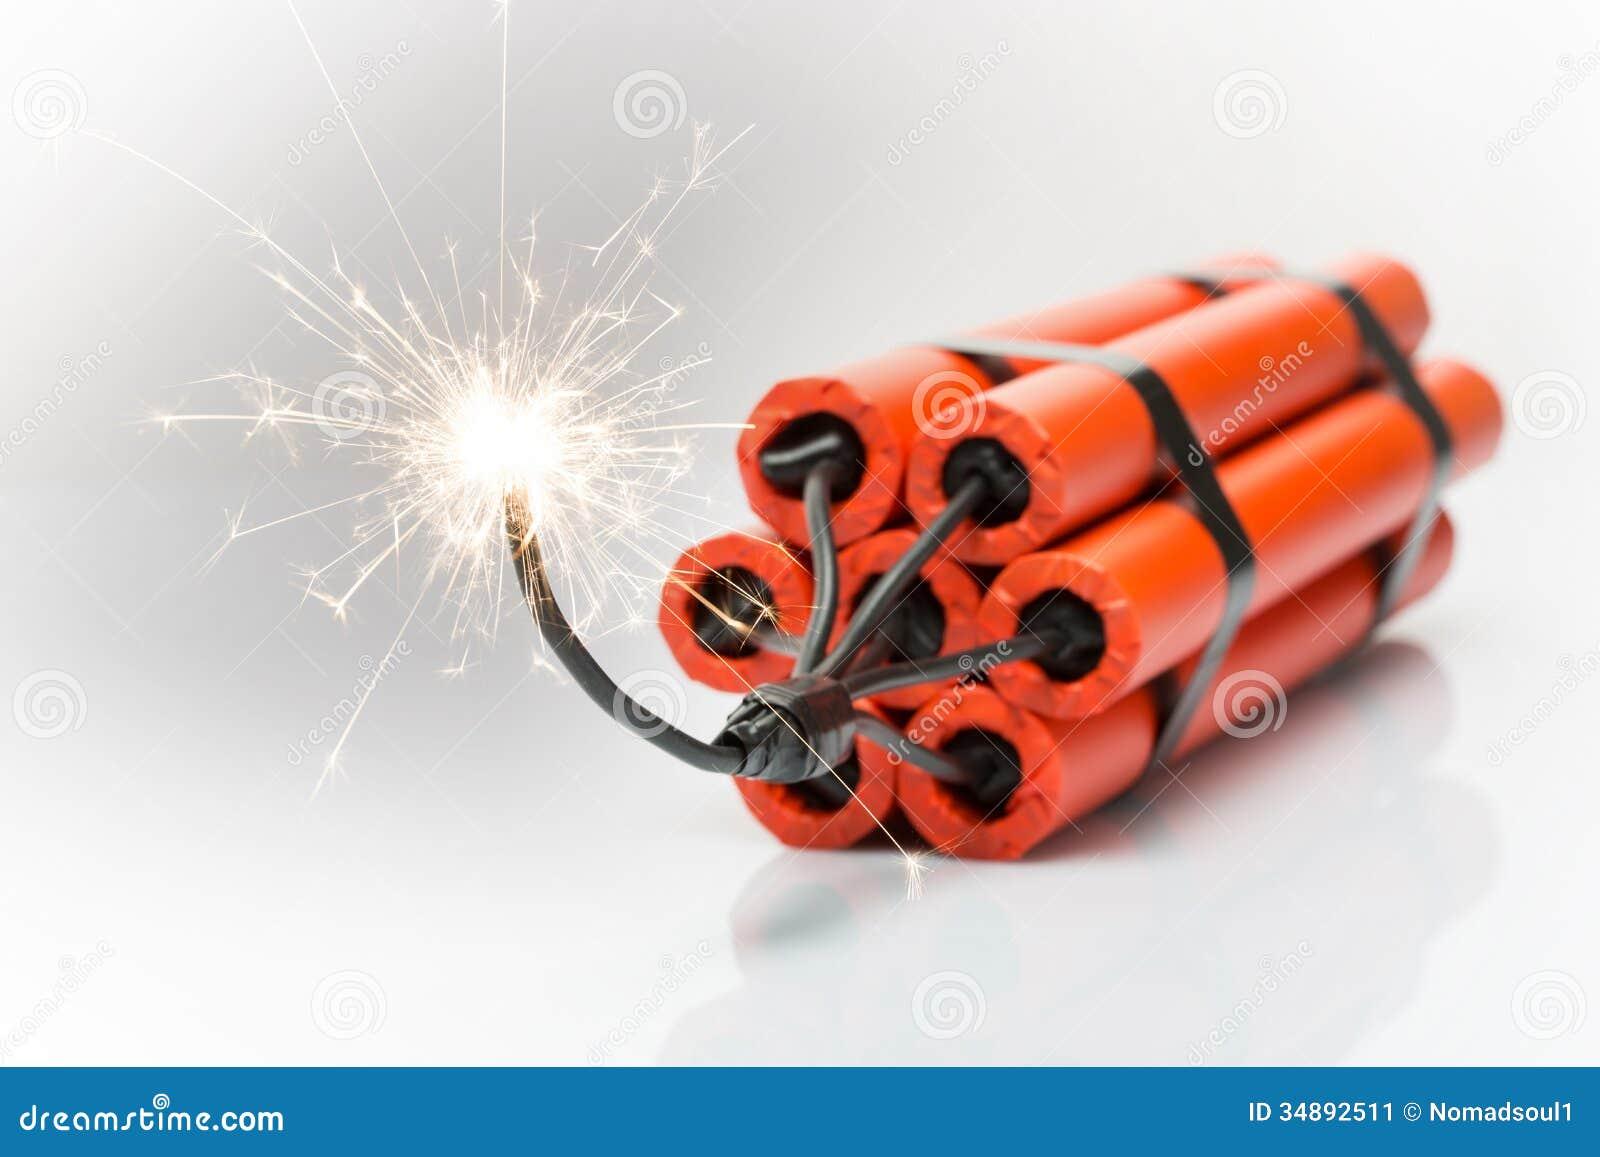 Dynamite Stock Image - Image: 34892511